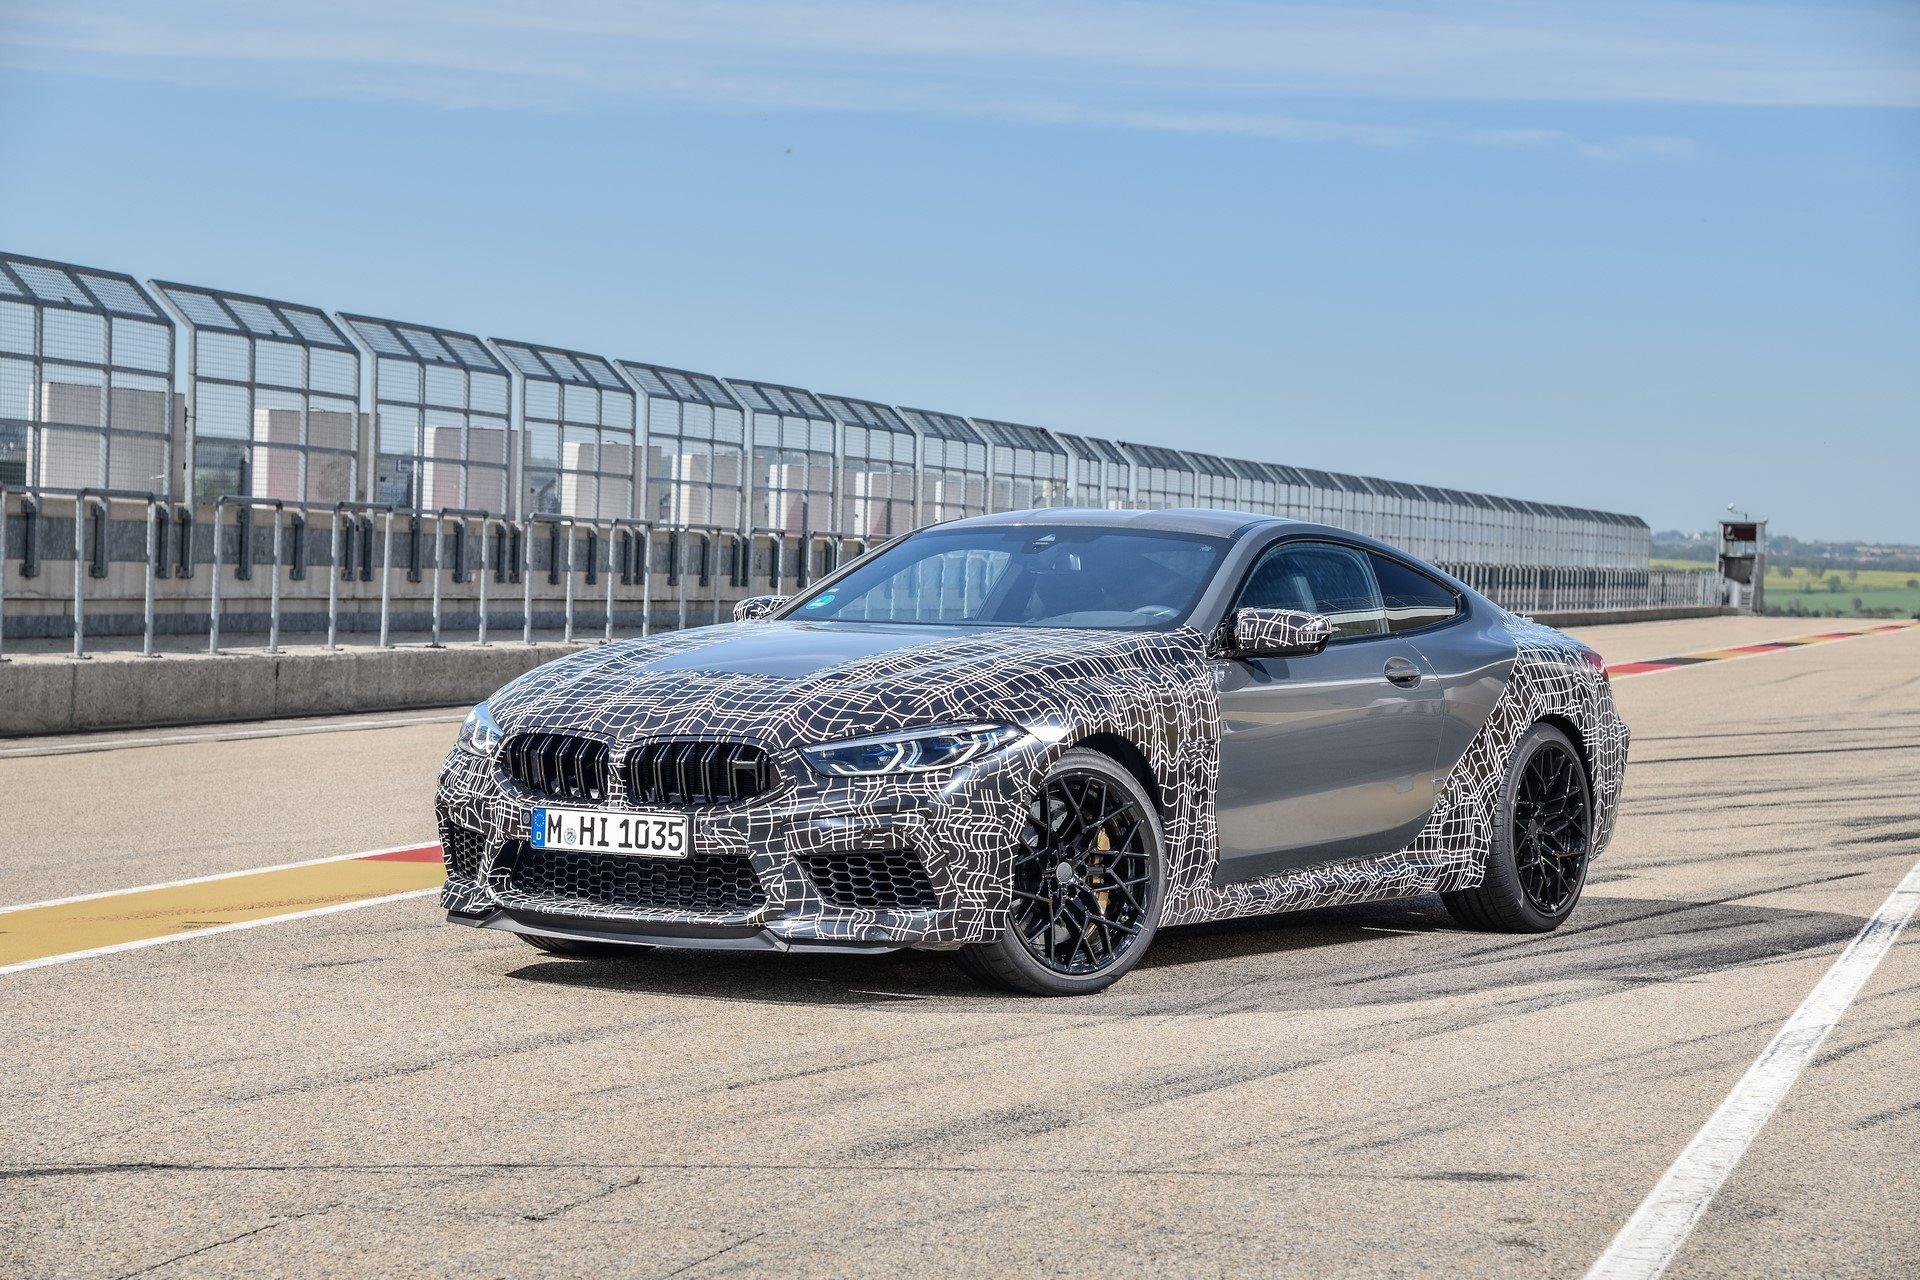 BMW-M8-spy-photos-8